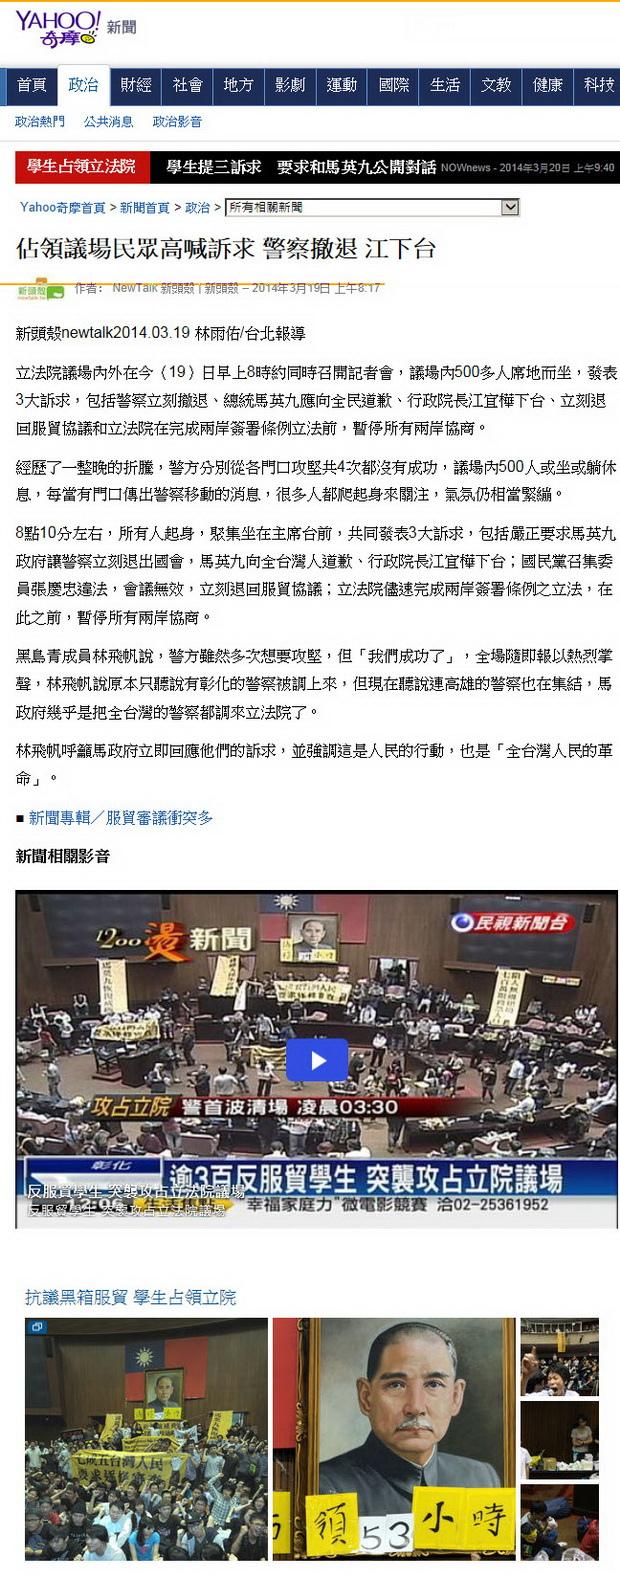 佔領議場民眾高喊訴求 警察撤退 江下台-2014.03.19.jpg